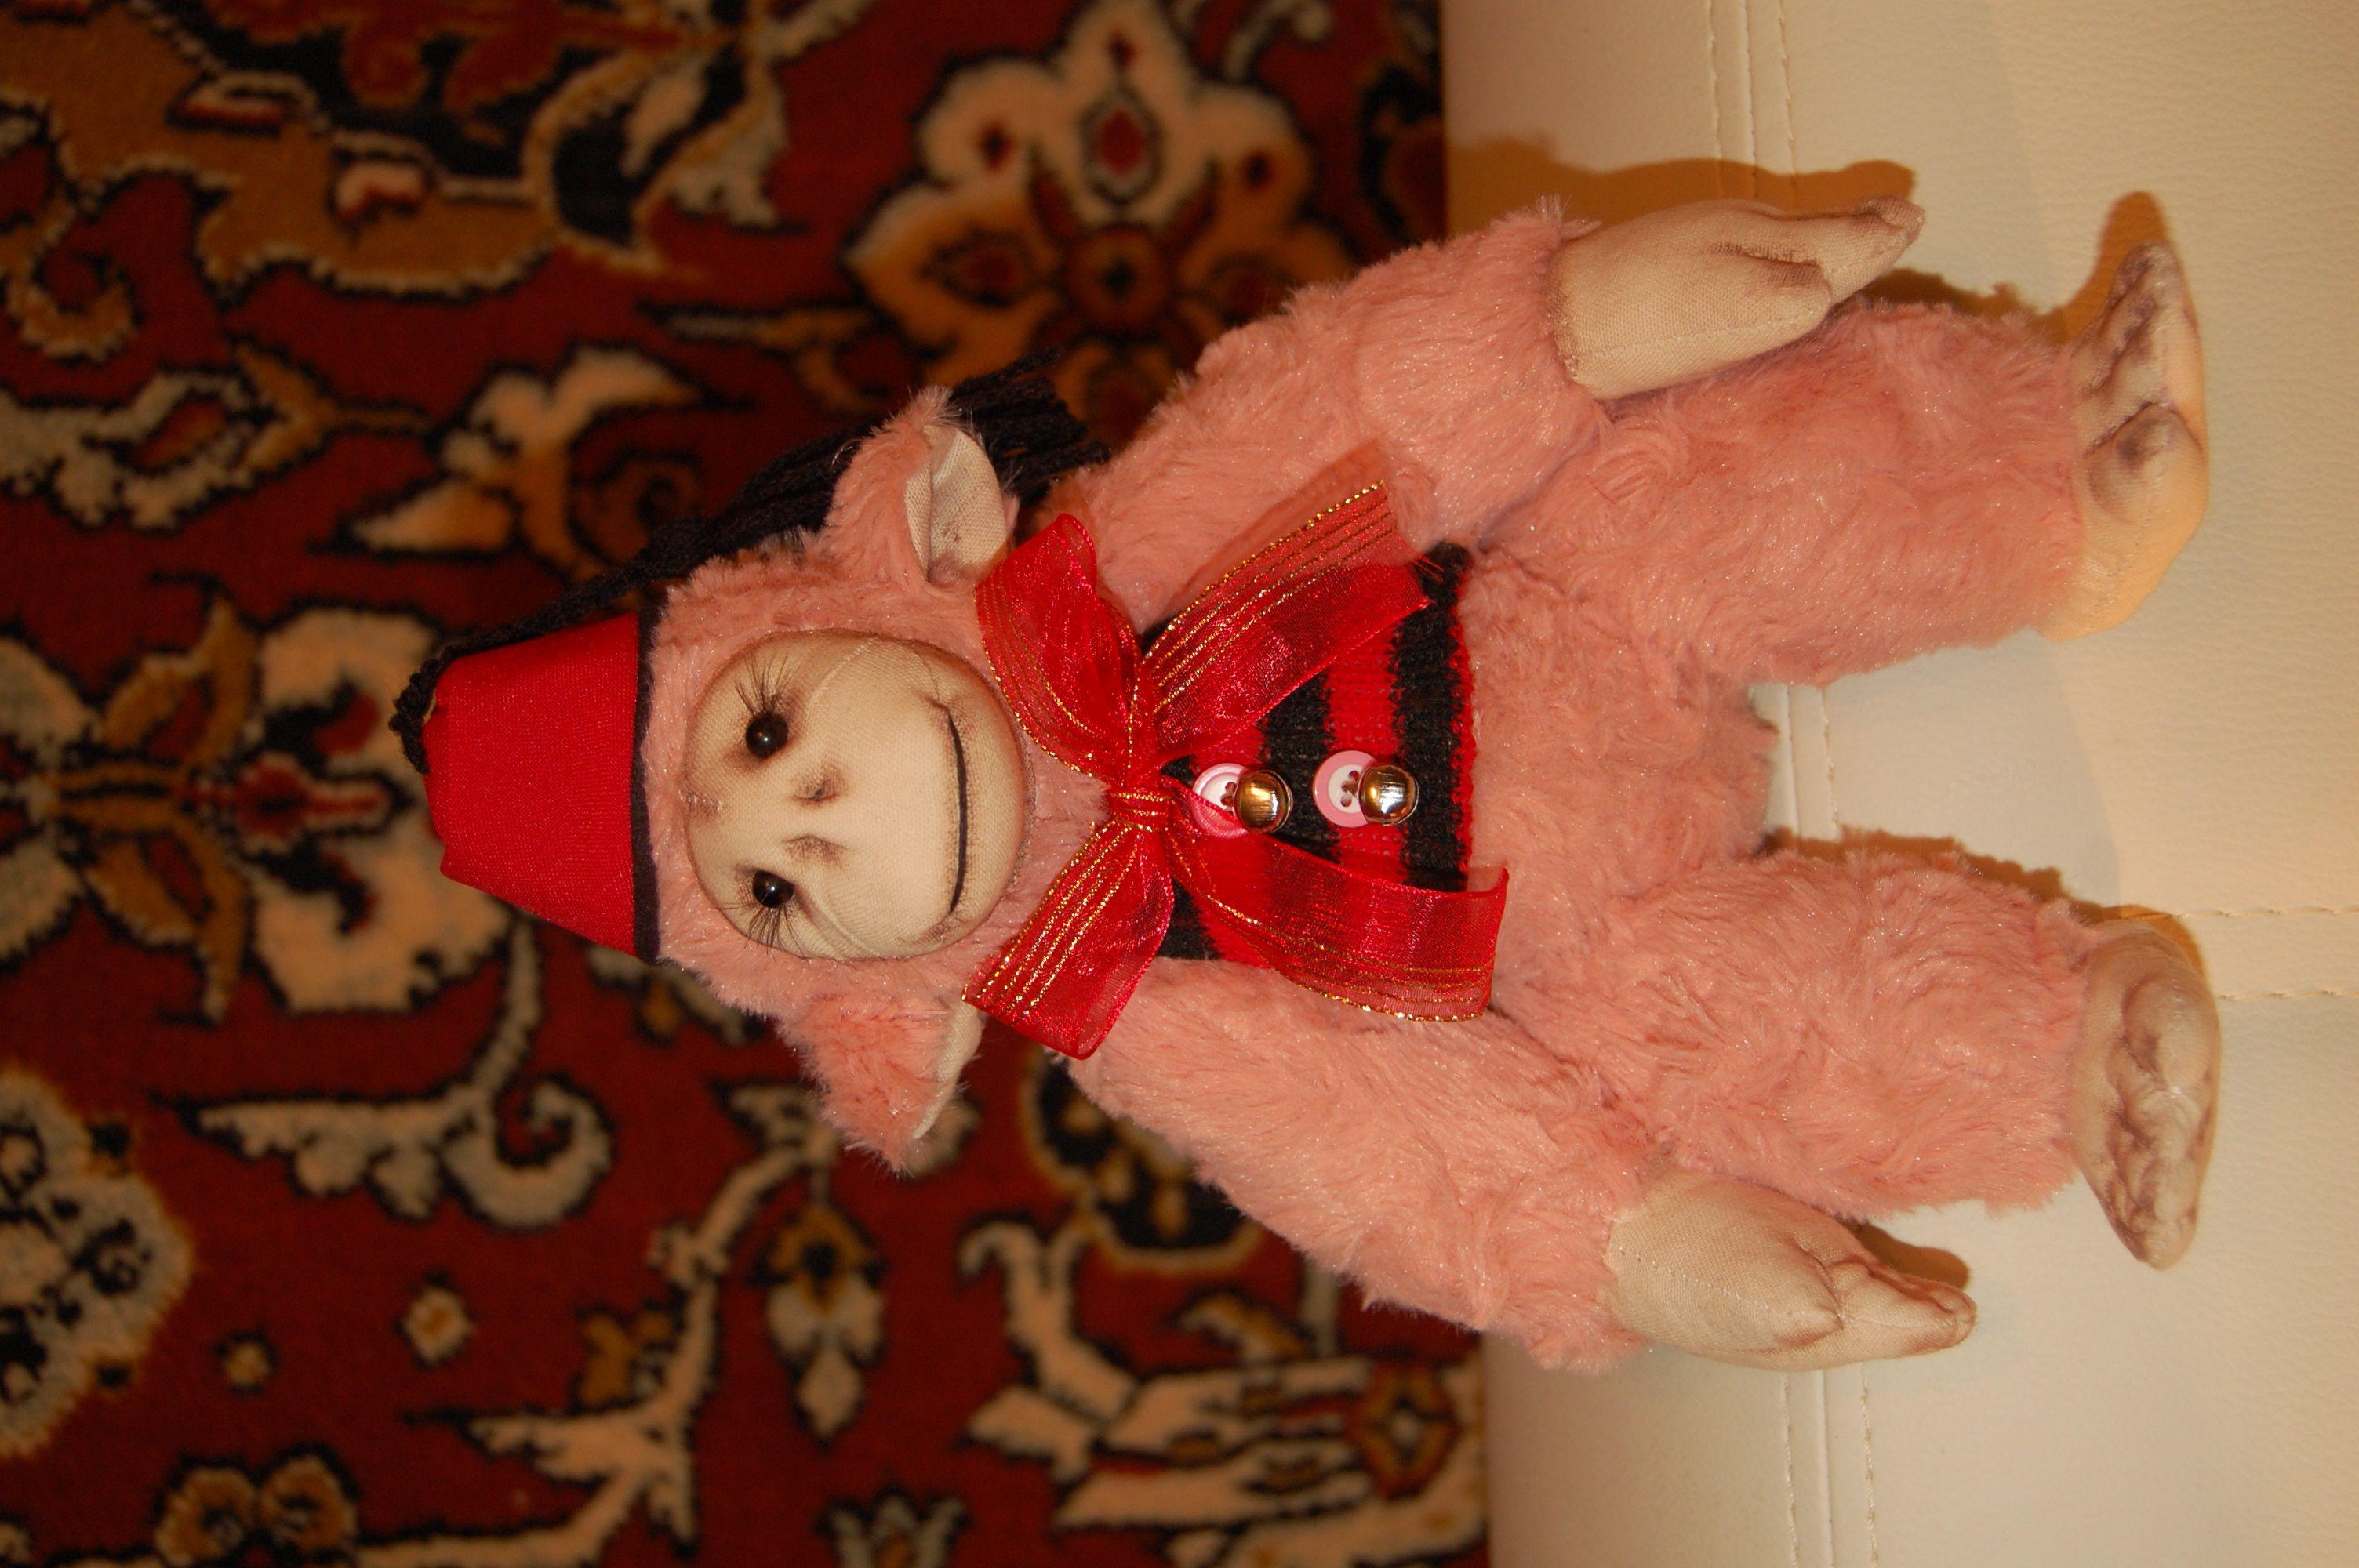 интерьера игрушка украшение тедди ручная обезьяна авторская работа подарок